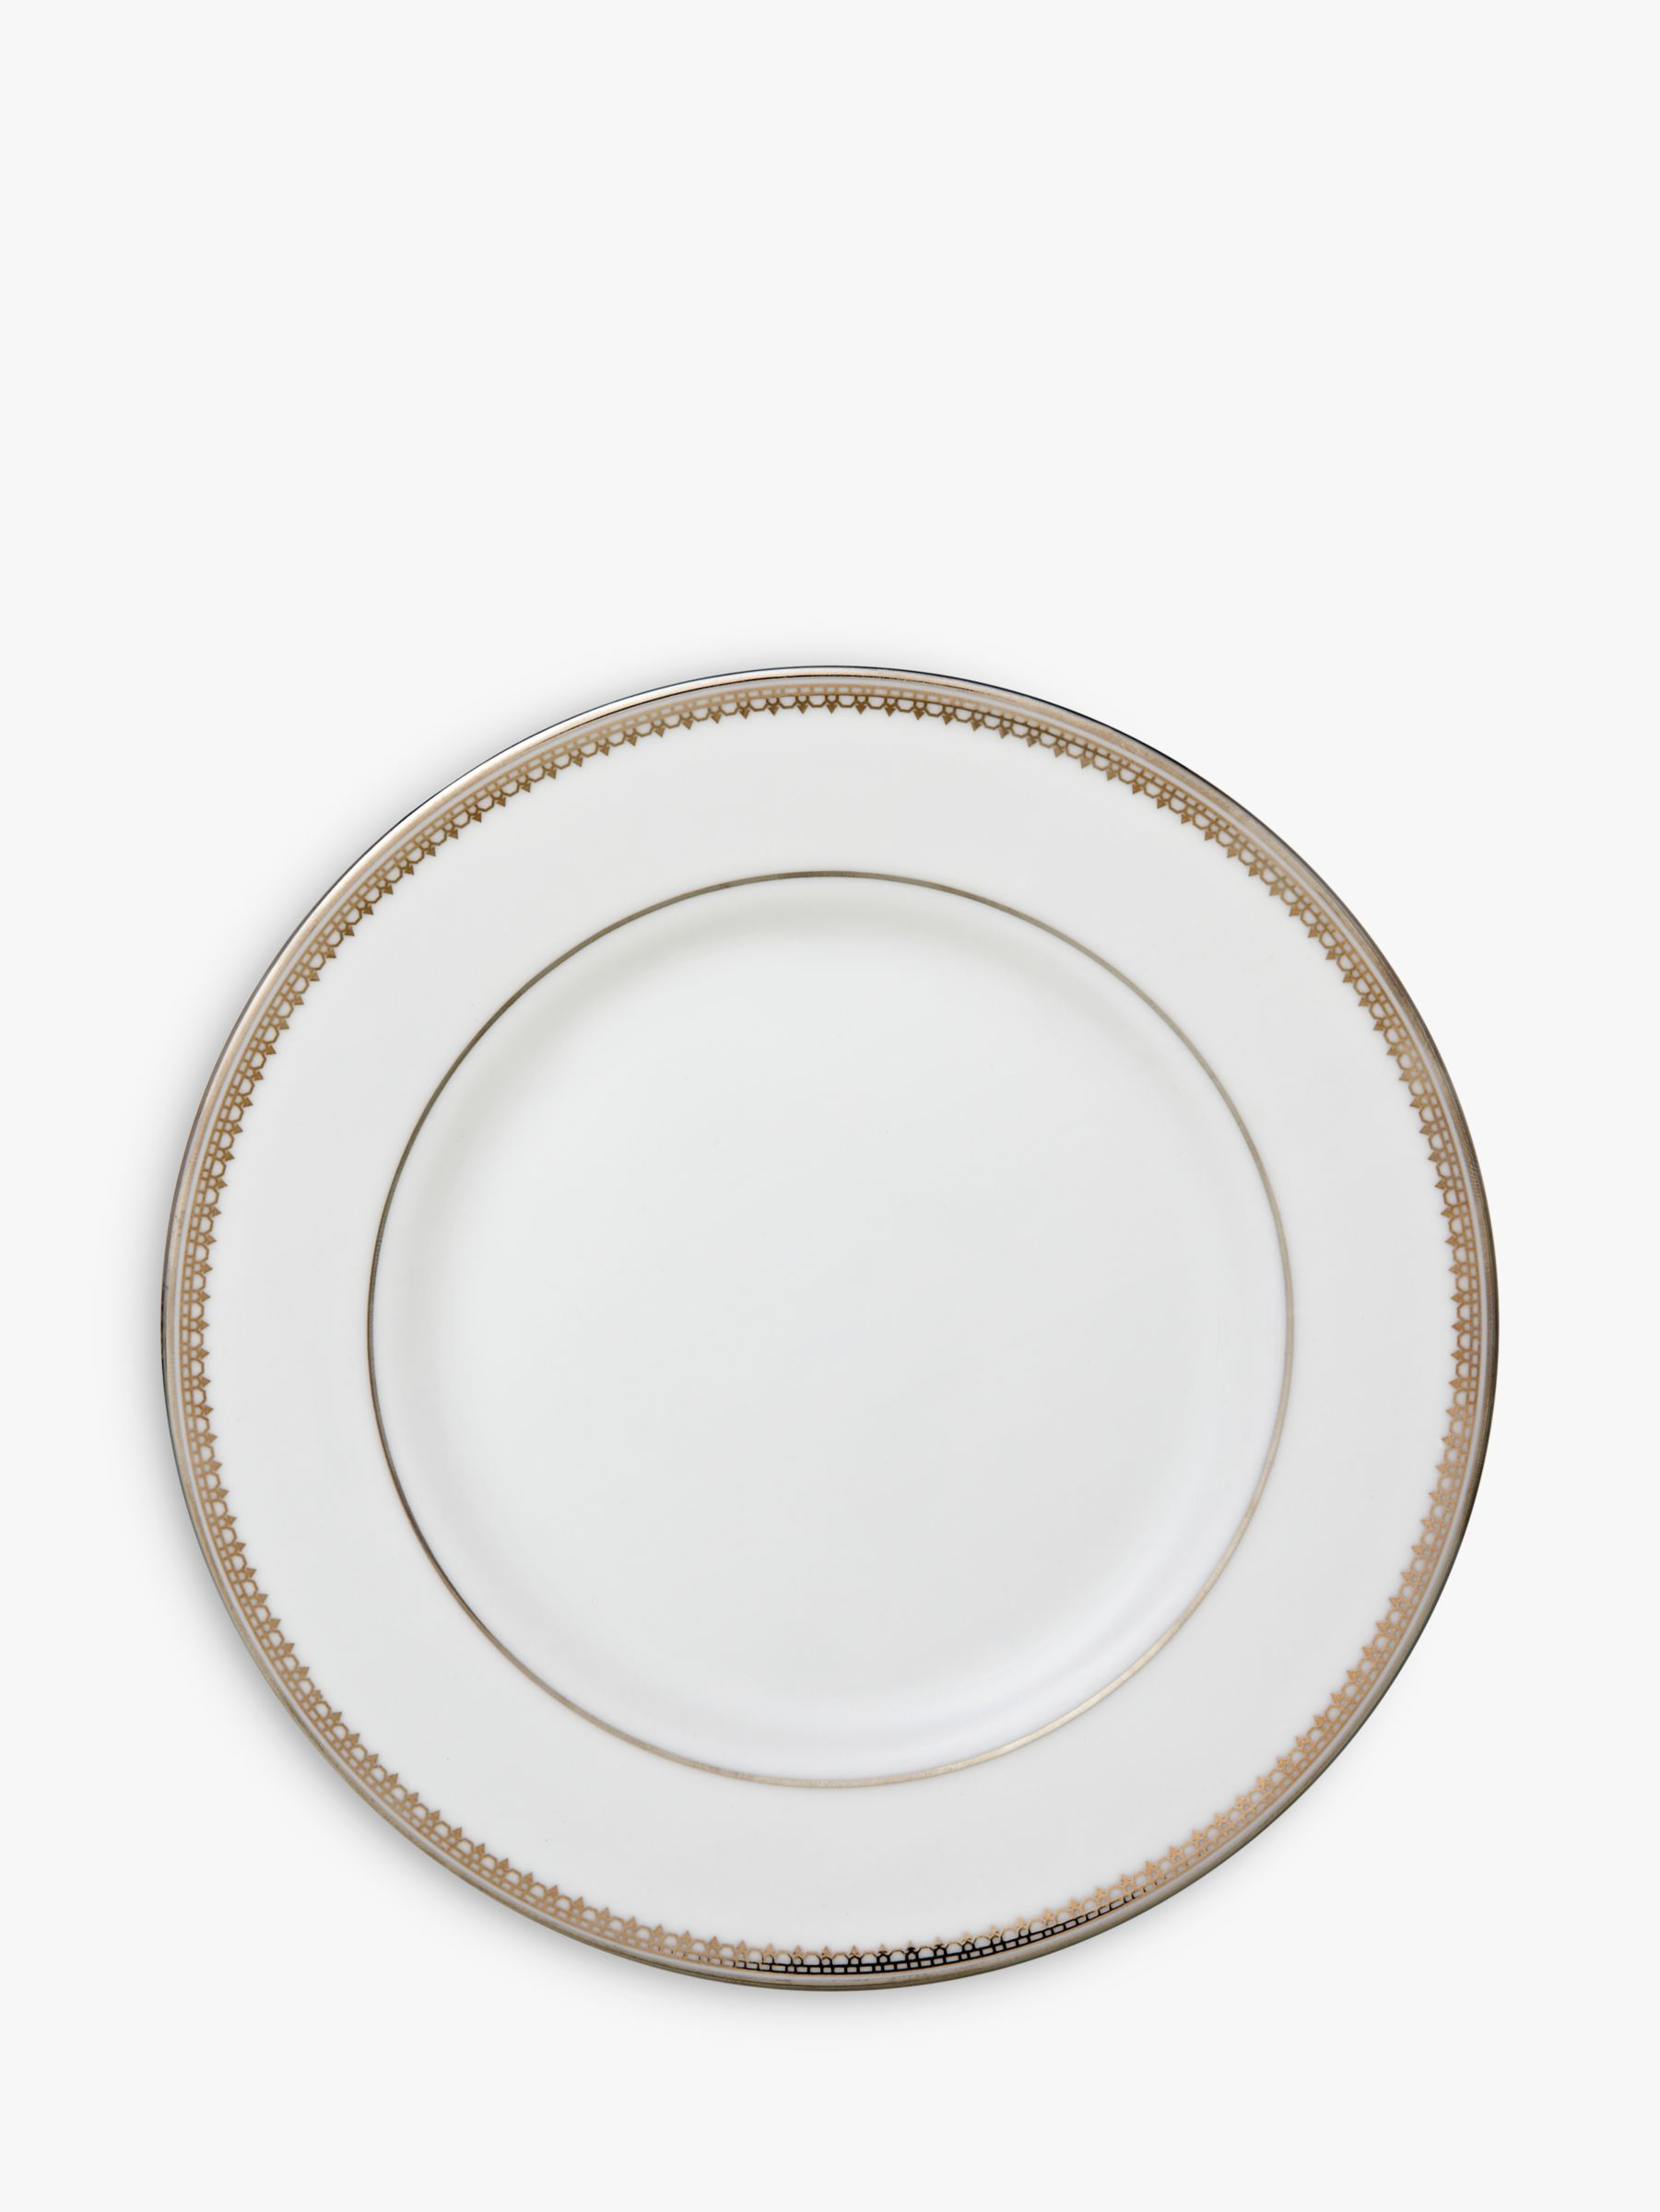 Vera Wang for Wedgwood Vera Wang for Wedgwood Lace Platinum 15cm Tea Plate